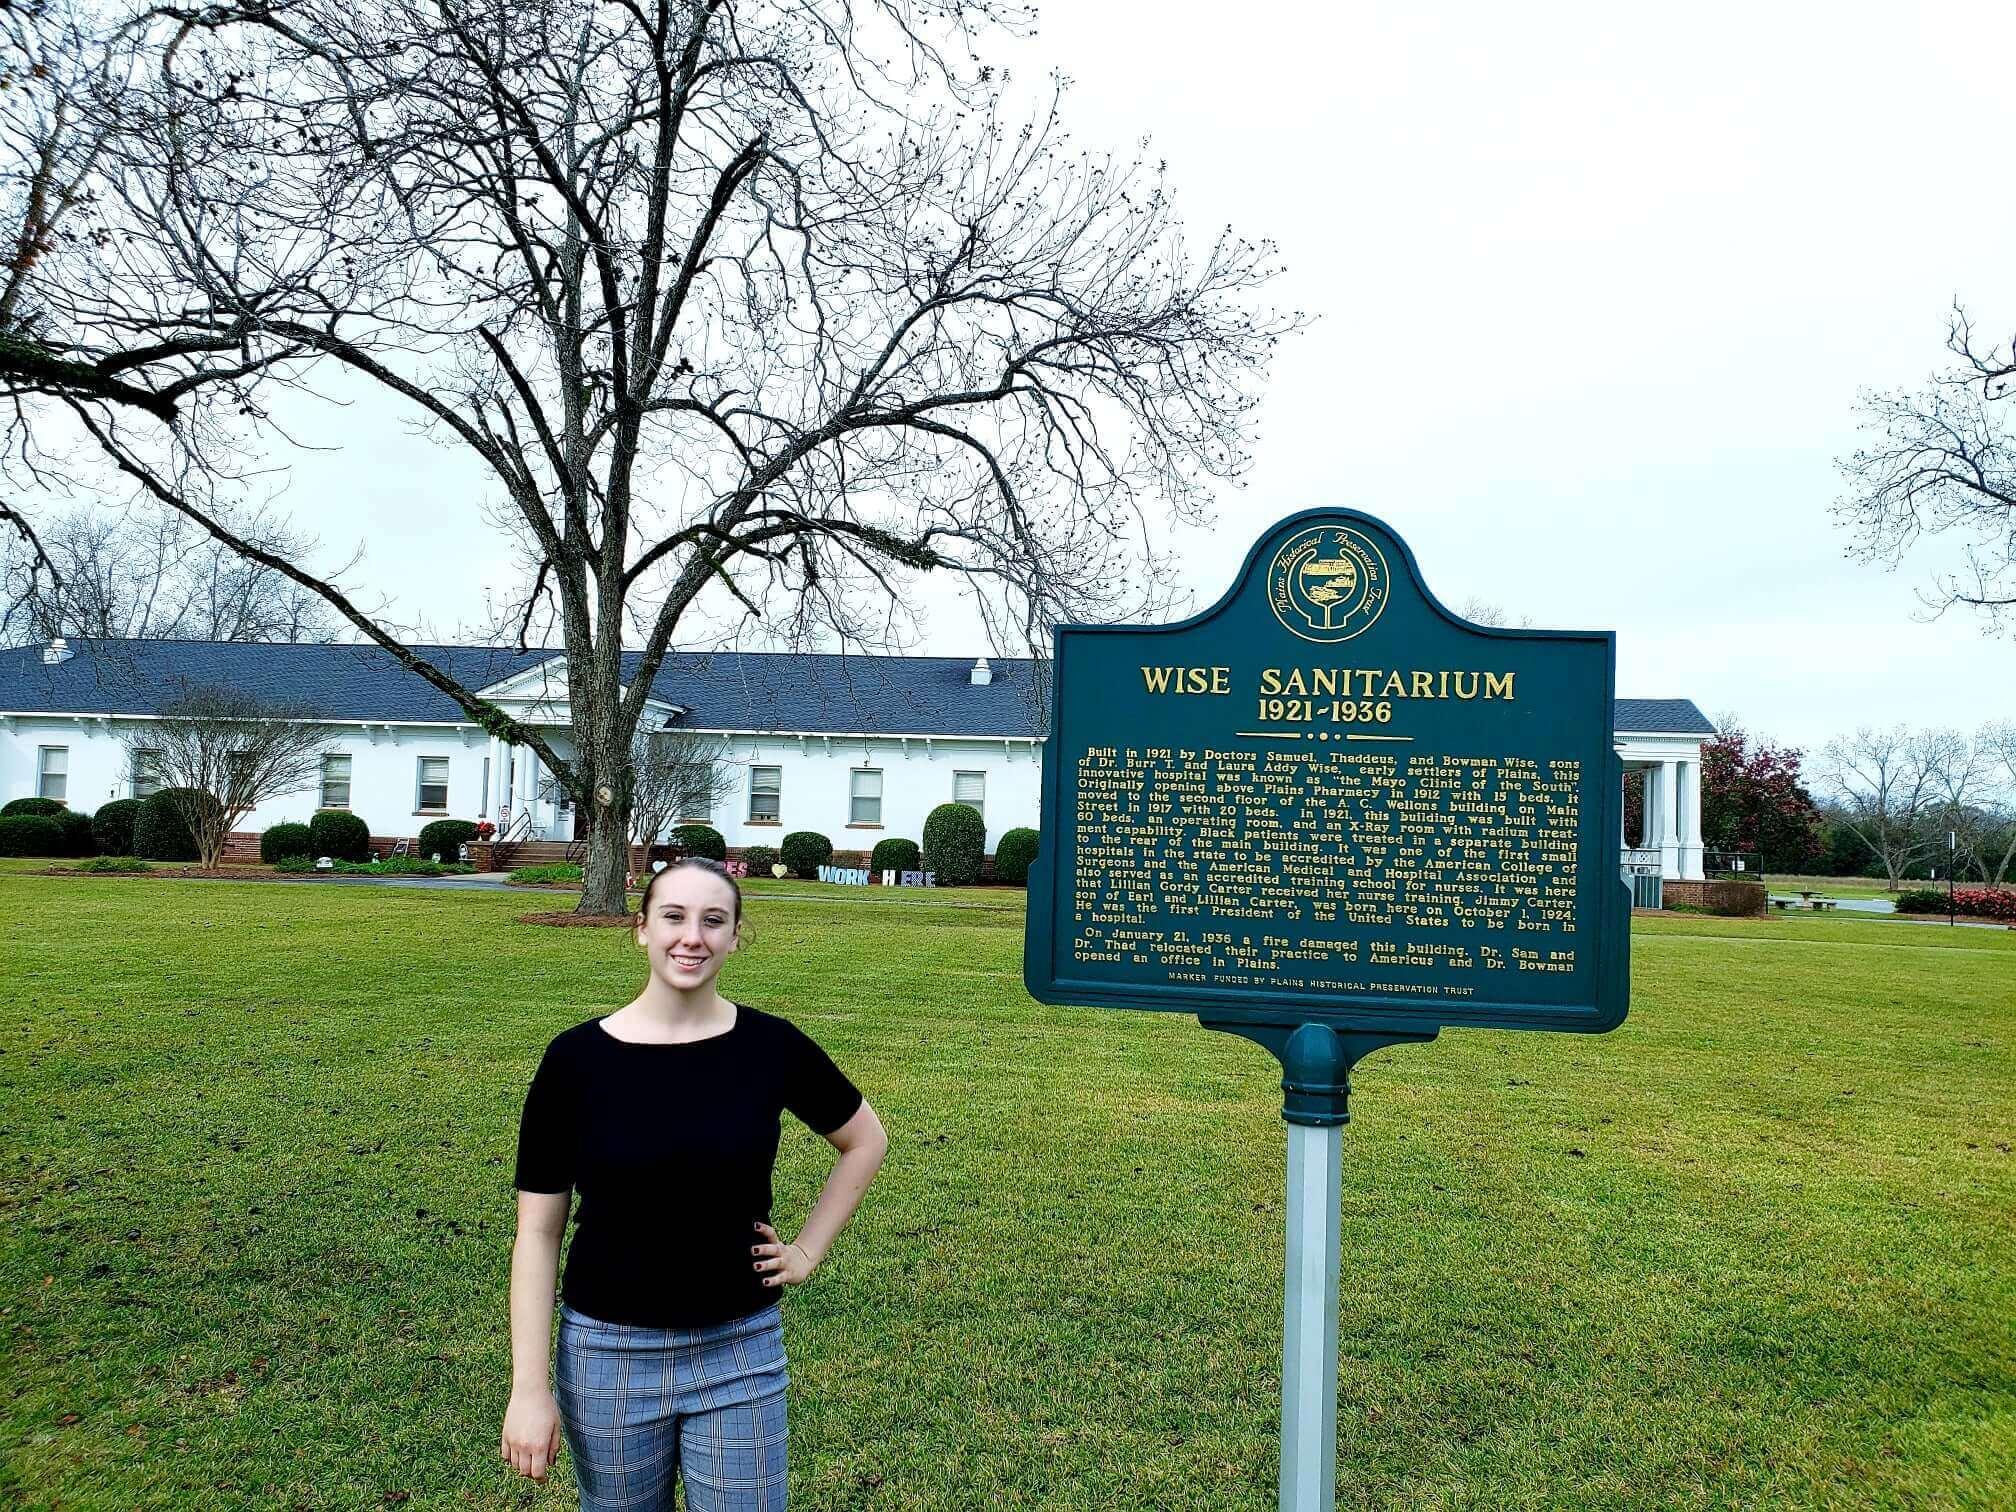 Wise Sanitarium, Plains, Georgia